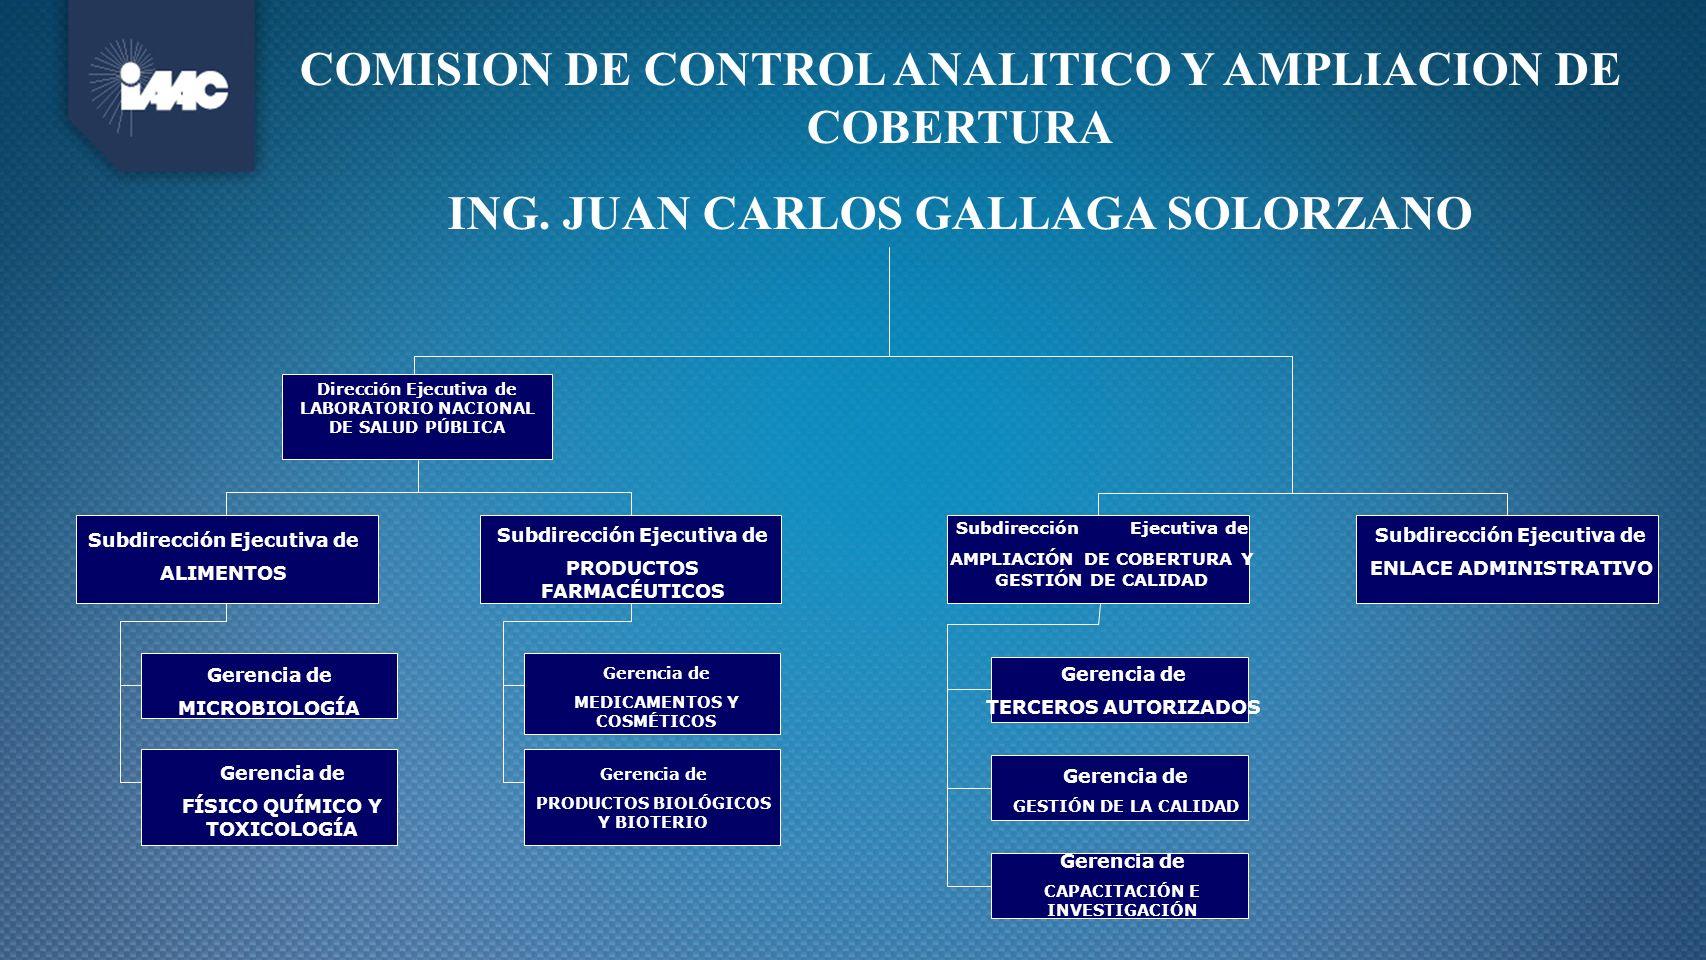 COMISION DE CONTROL ANALITICO Y AMPLIACION DE COBERTURA